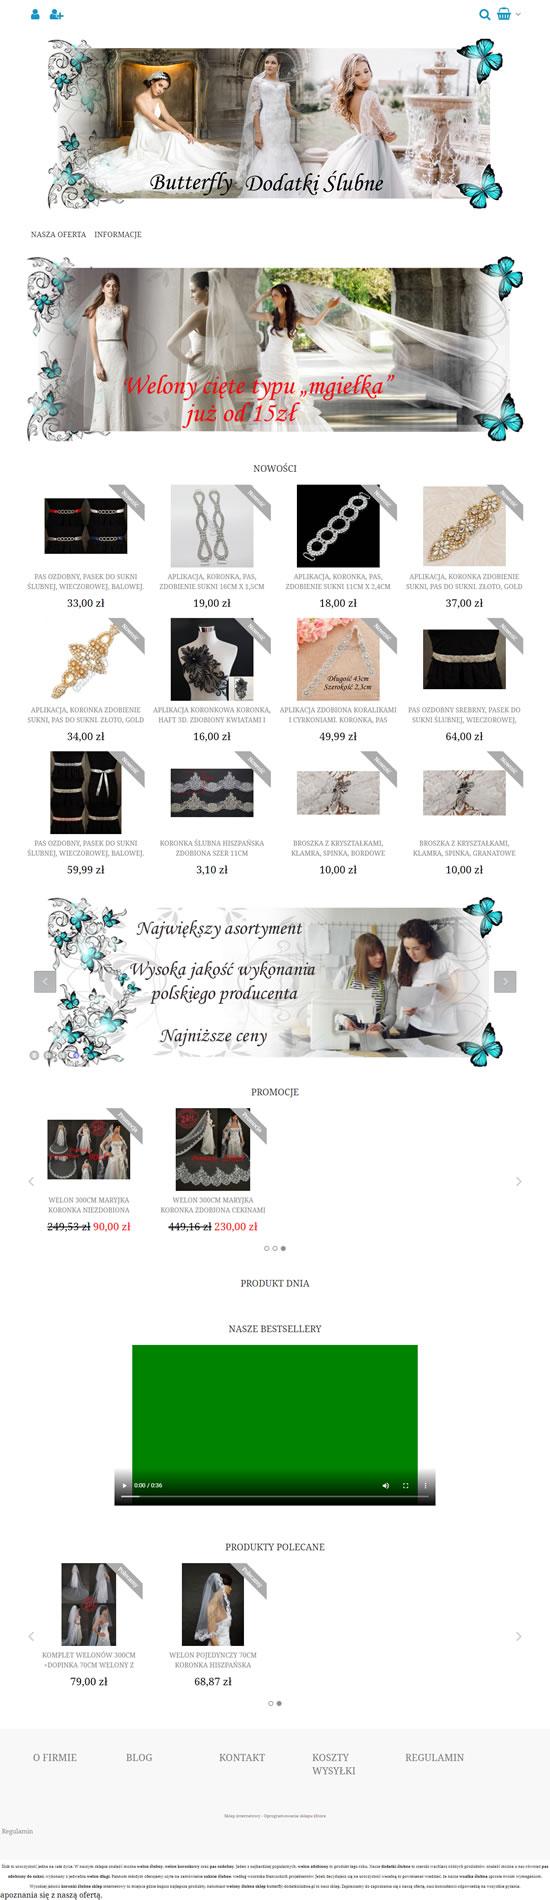 butterfly-dodatkislubne.pl Image